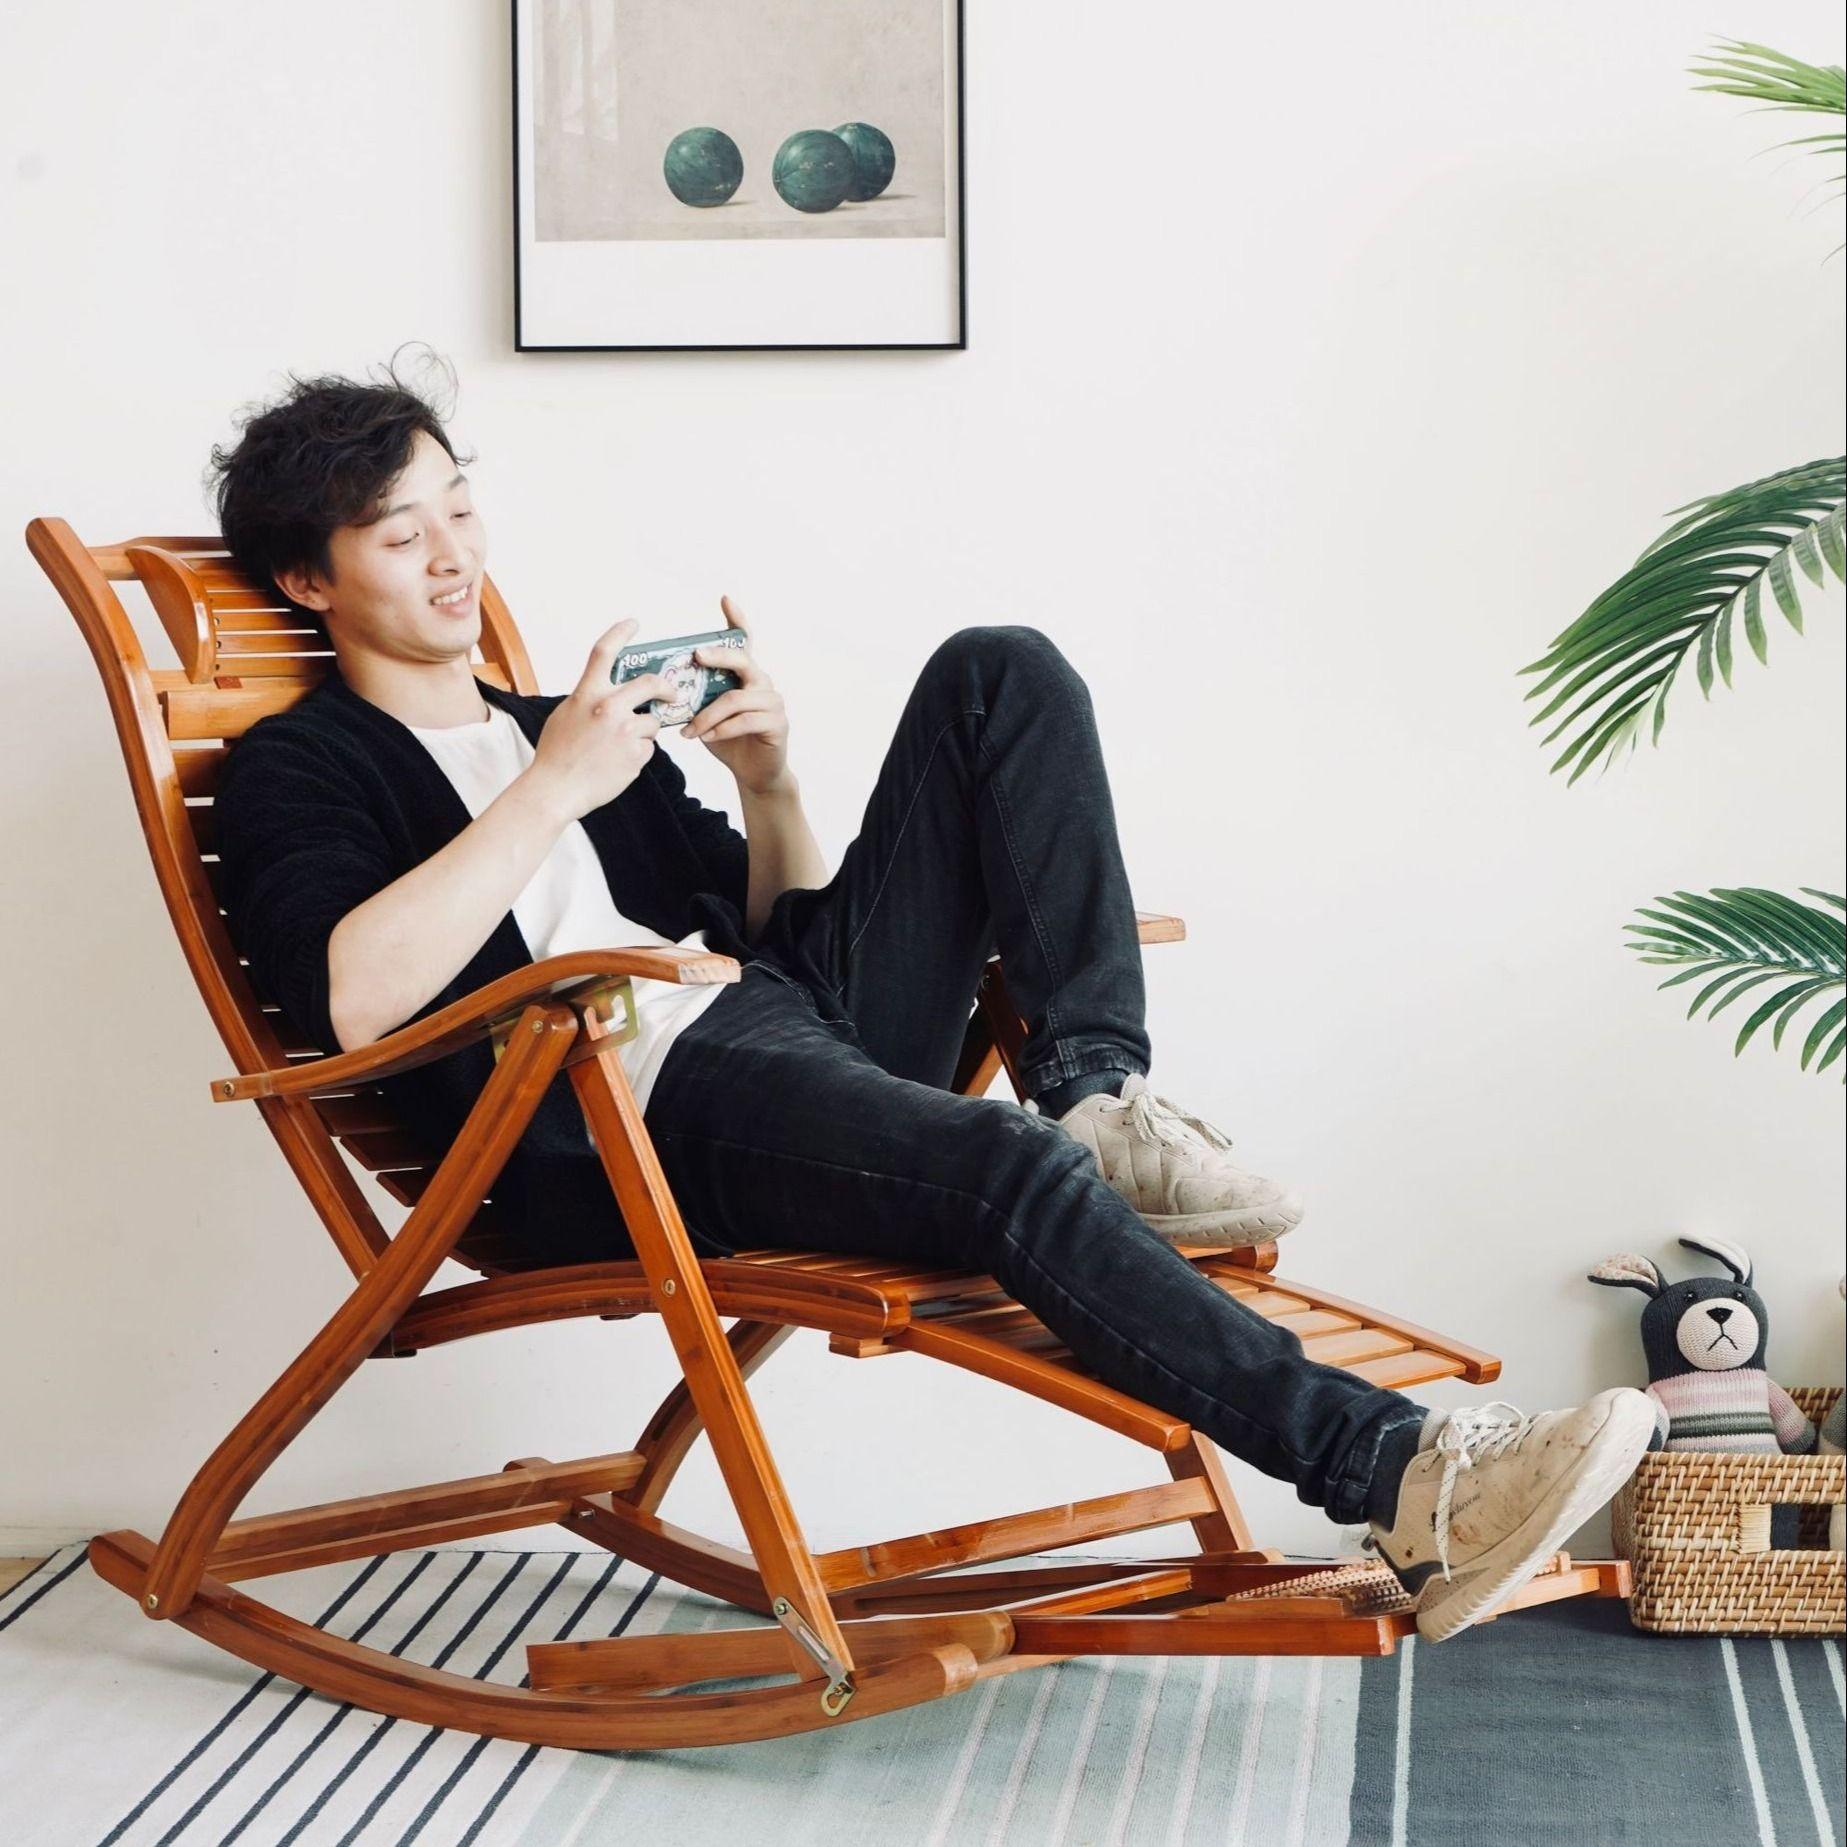 摇椅和躺椅